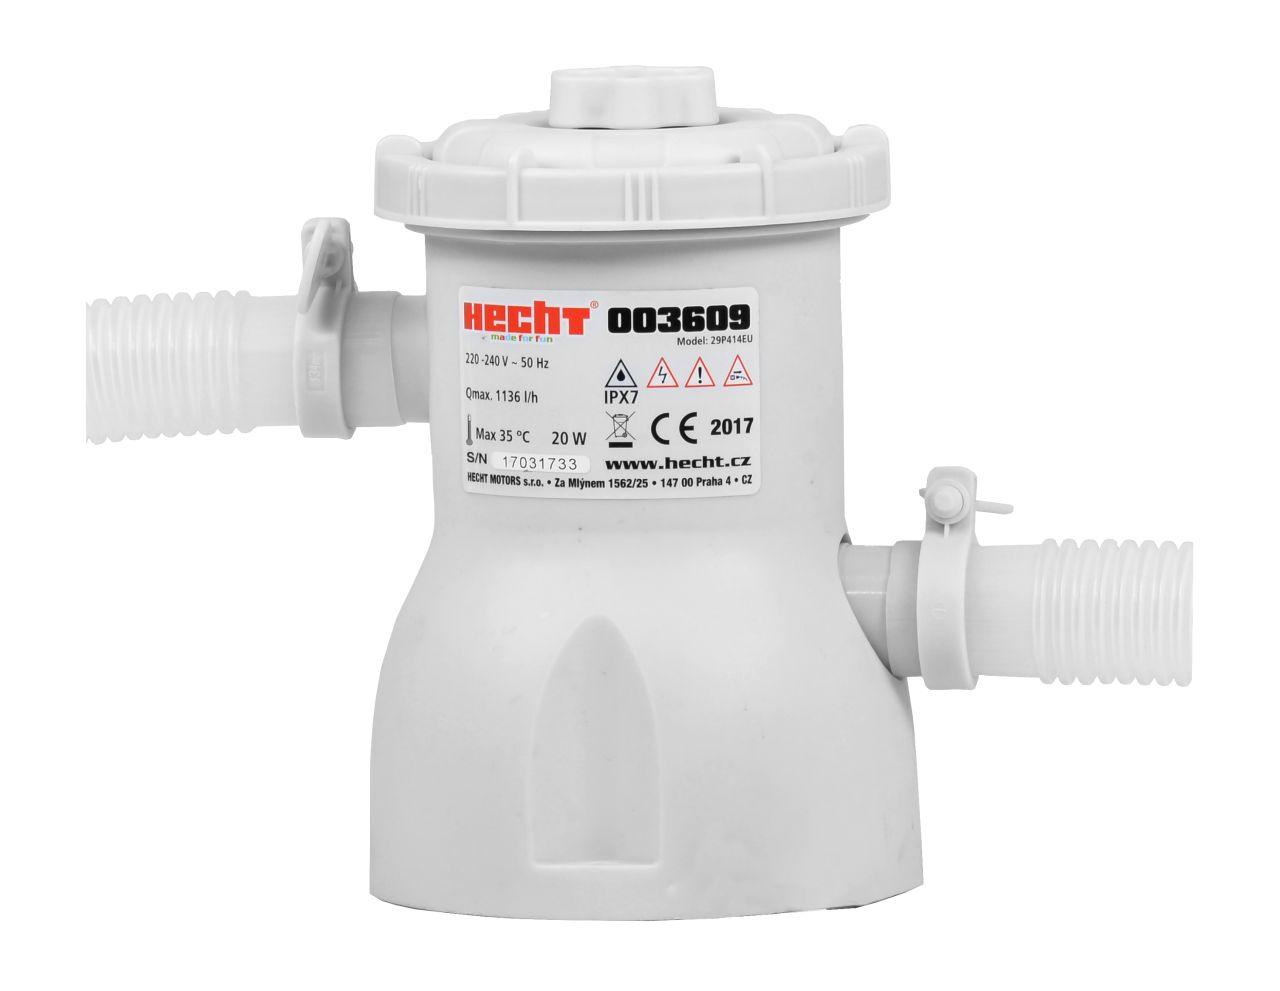 HECHT 003609 - kartušová filtrace